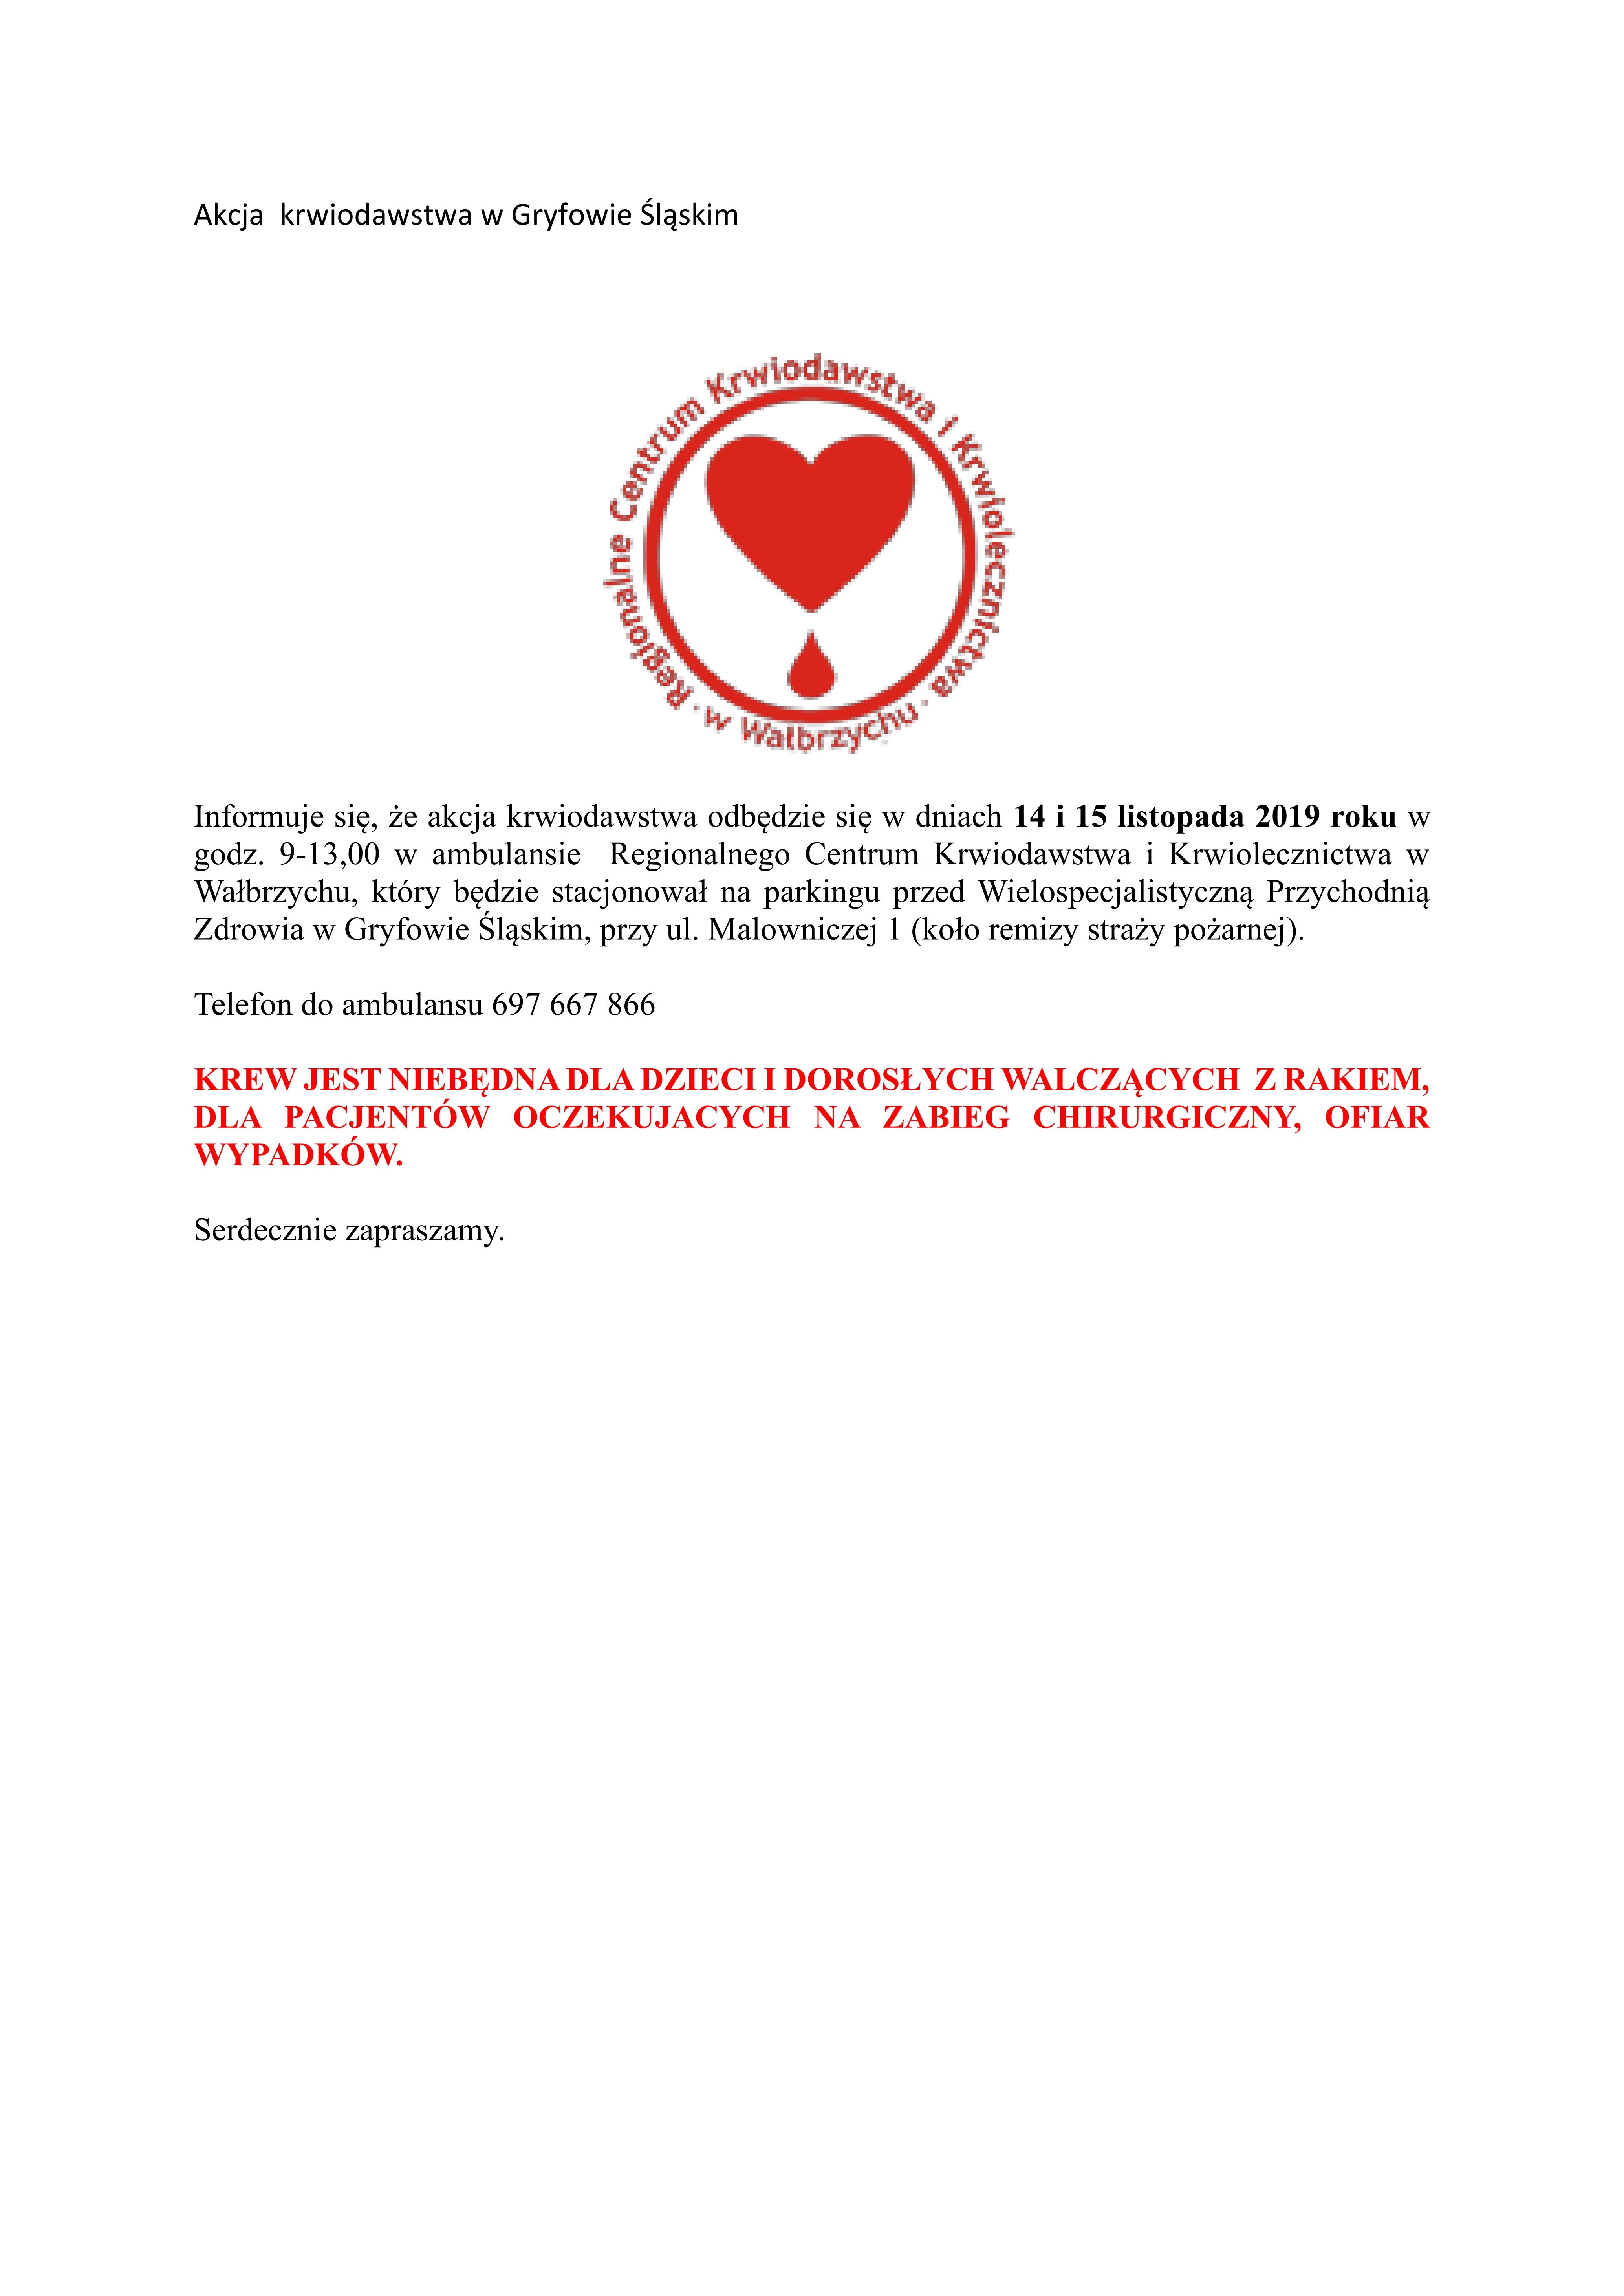 Akcja  krwiodawstwa w Gryfowie Śląskim